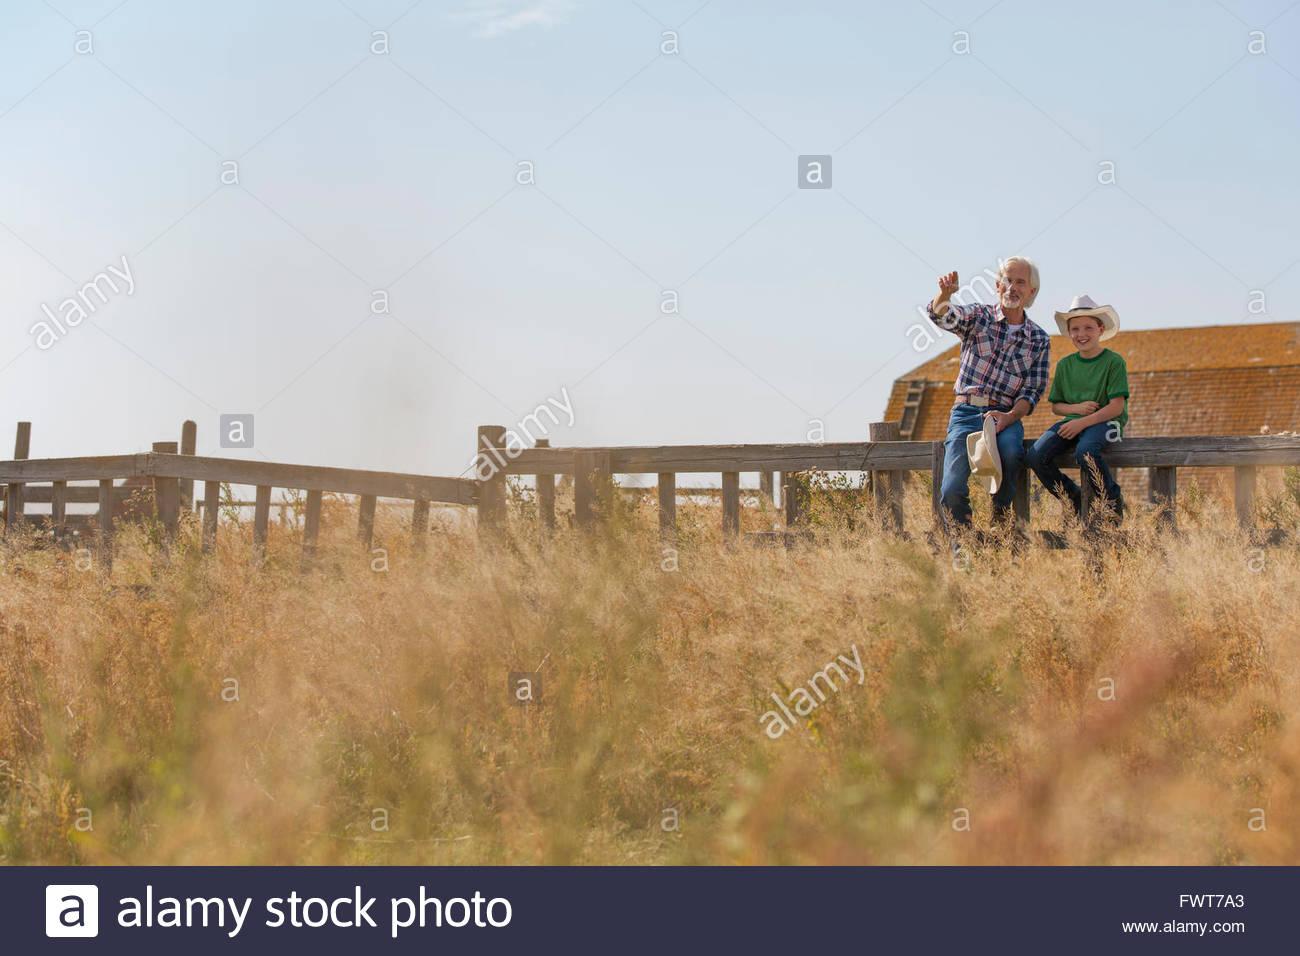 Grand-père faisant remarquer quelque chose dans la zone de petit-fils. Photo Stock